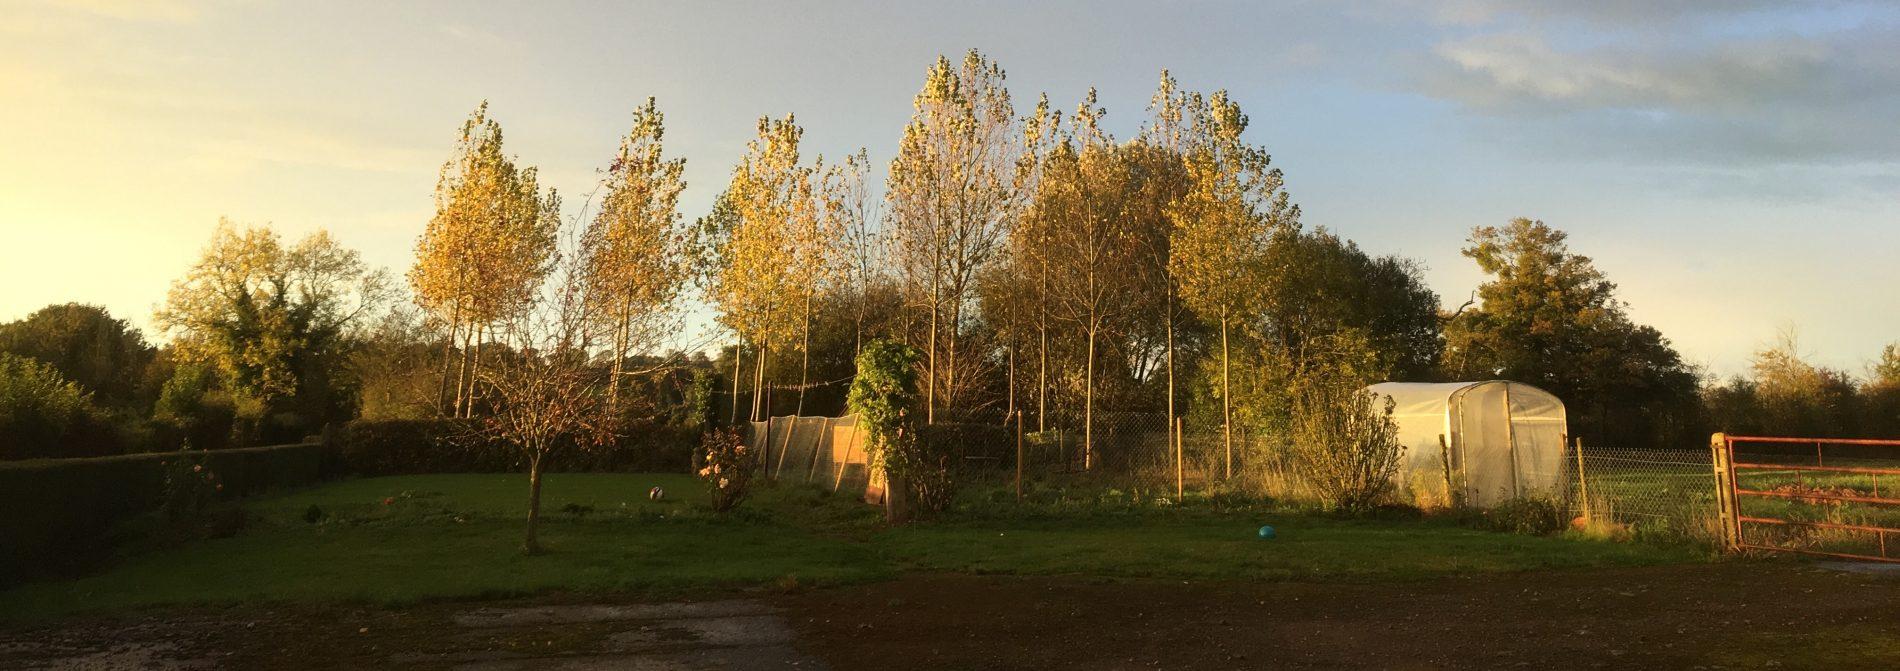 Rijtje jonge bomen met op de voorgrond een grasveld met hek en kas.